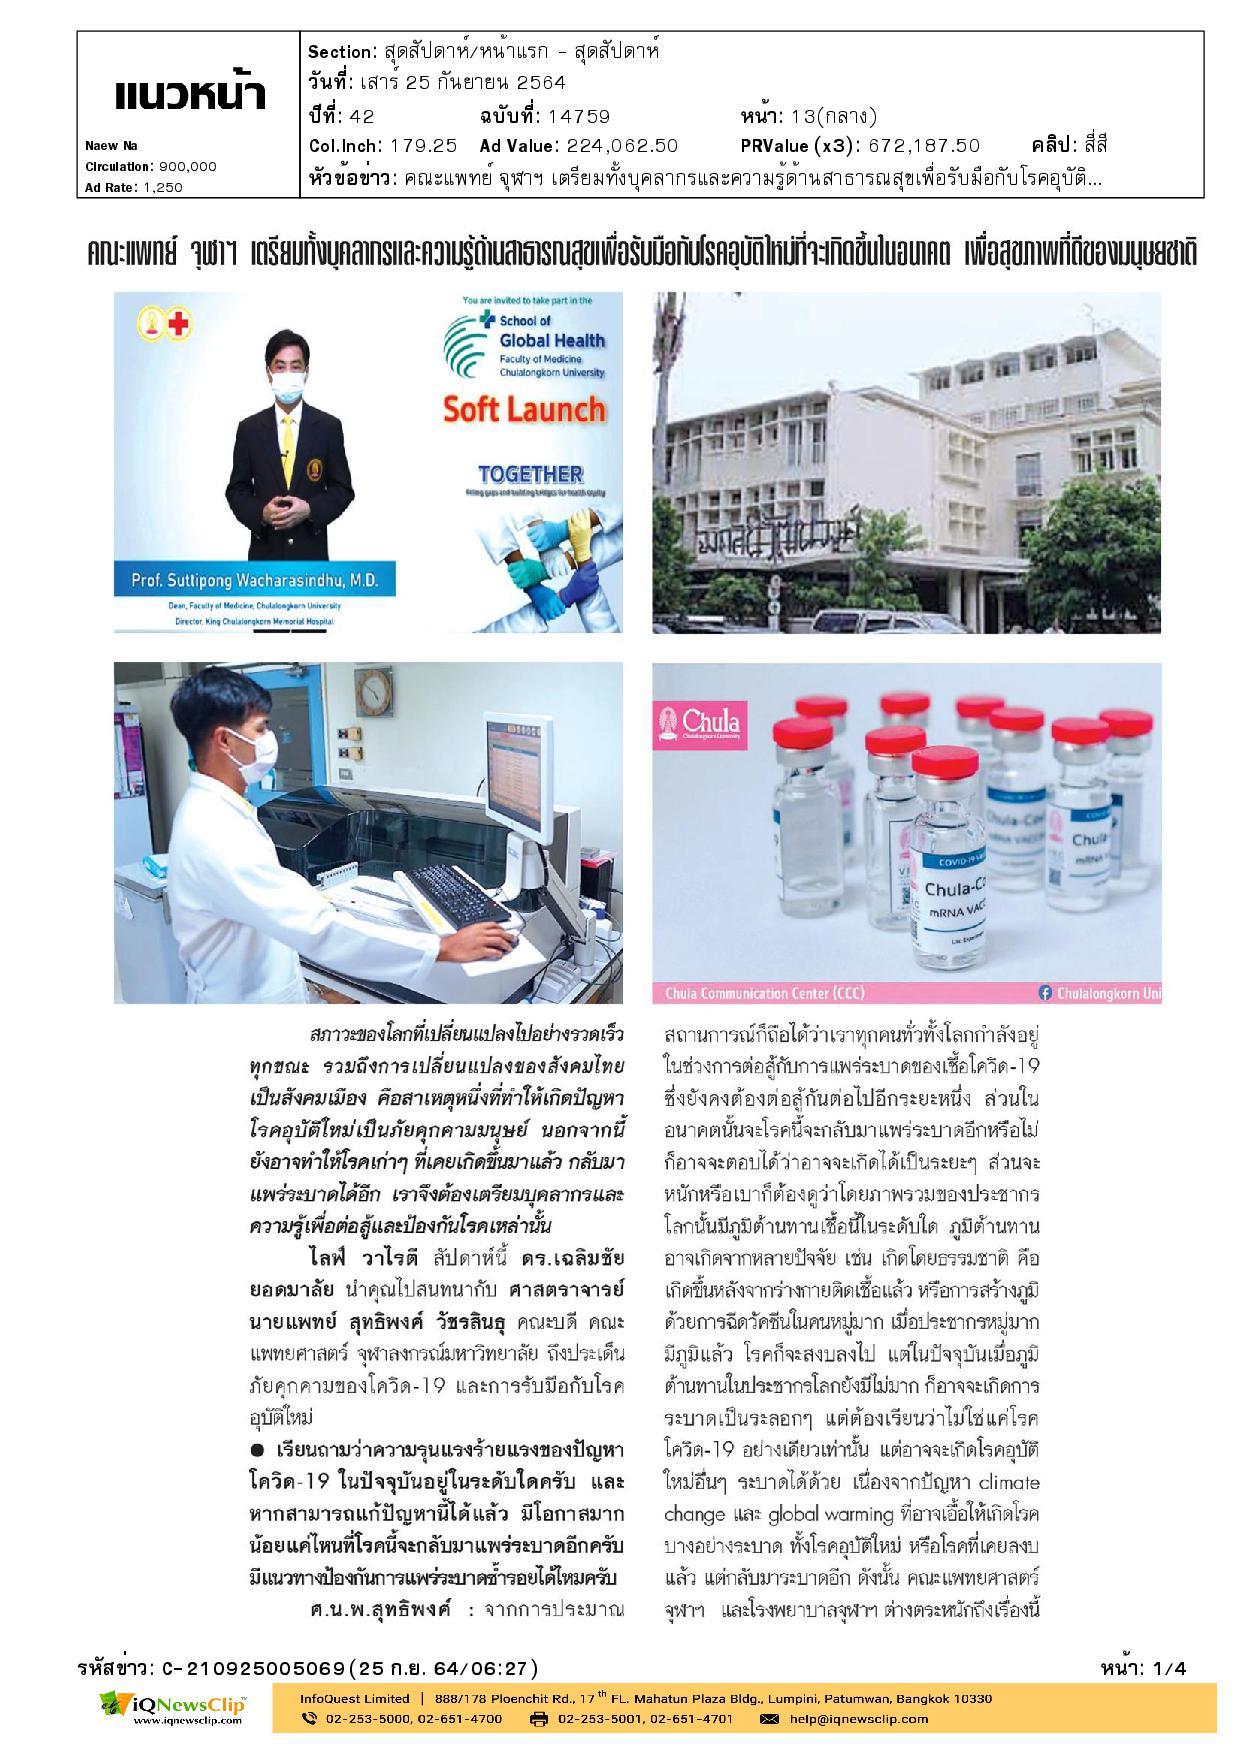 คณะแพทยศาสตร์ จุฬาฯ เตรียมทั้งบุคลากรและความรู้ด้านสาธารณสุขเพื่อรับมือกับโรคอุบัติใหม่ที่จะเกิดขึ้นในอนาคต